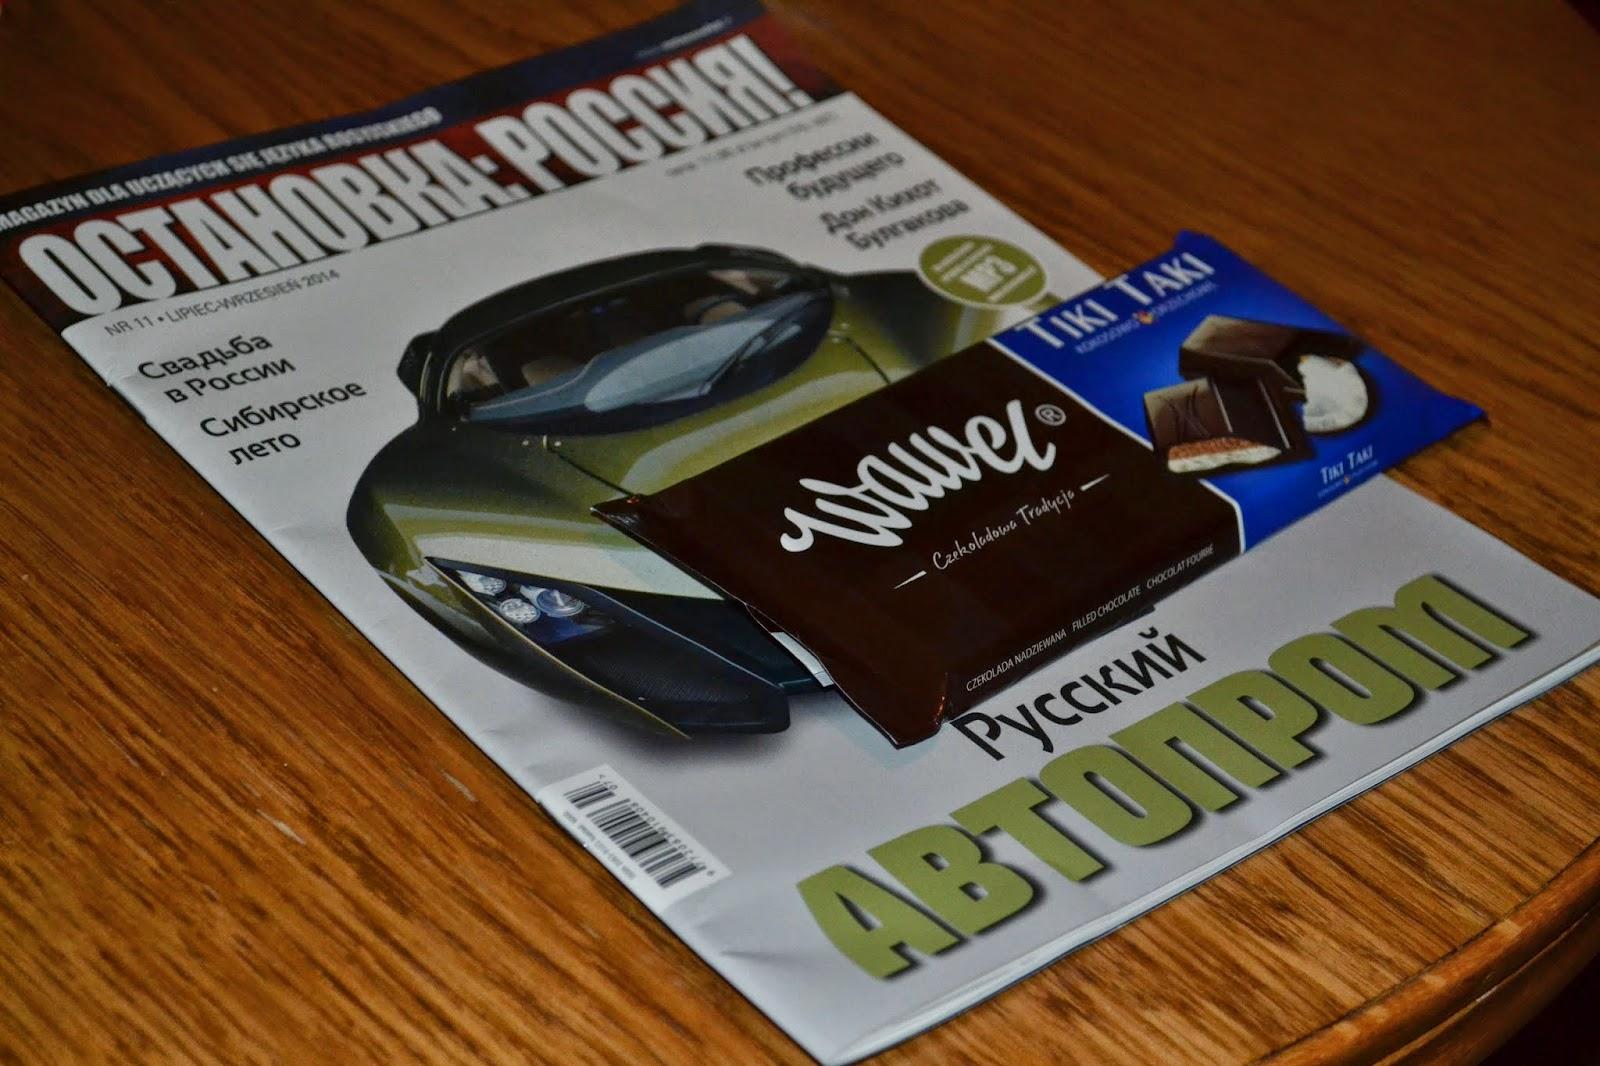 http://greczynkaaczyta.blogspot.com/2014/10/ostanowka-rossija-magazyn-do-nauki.html